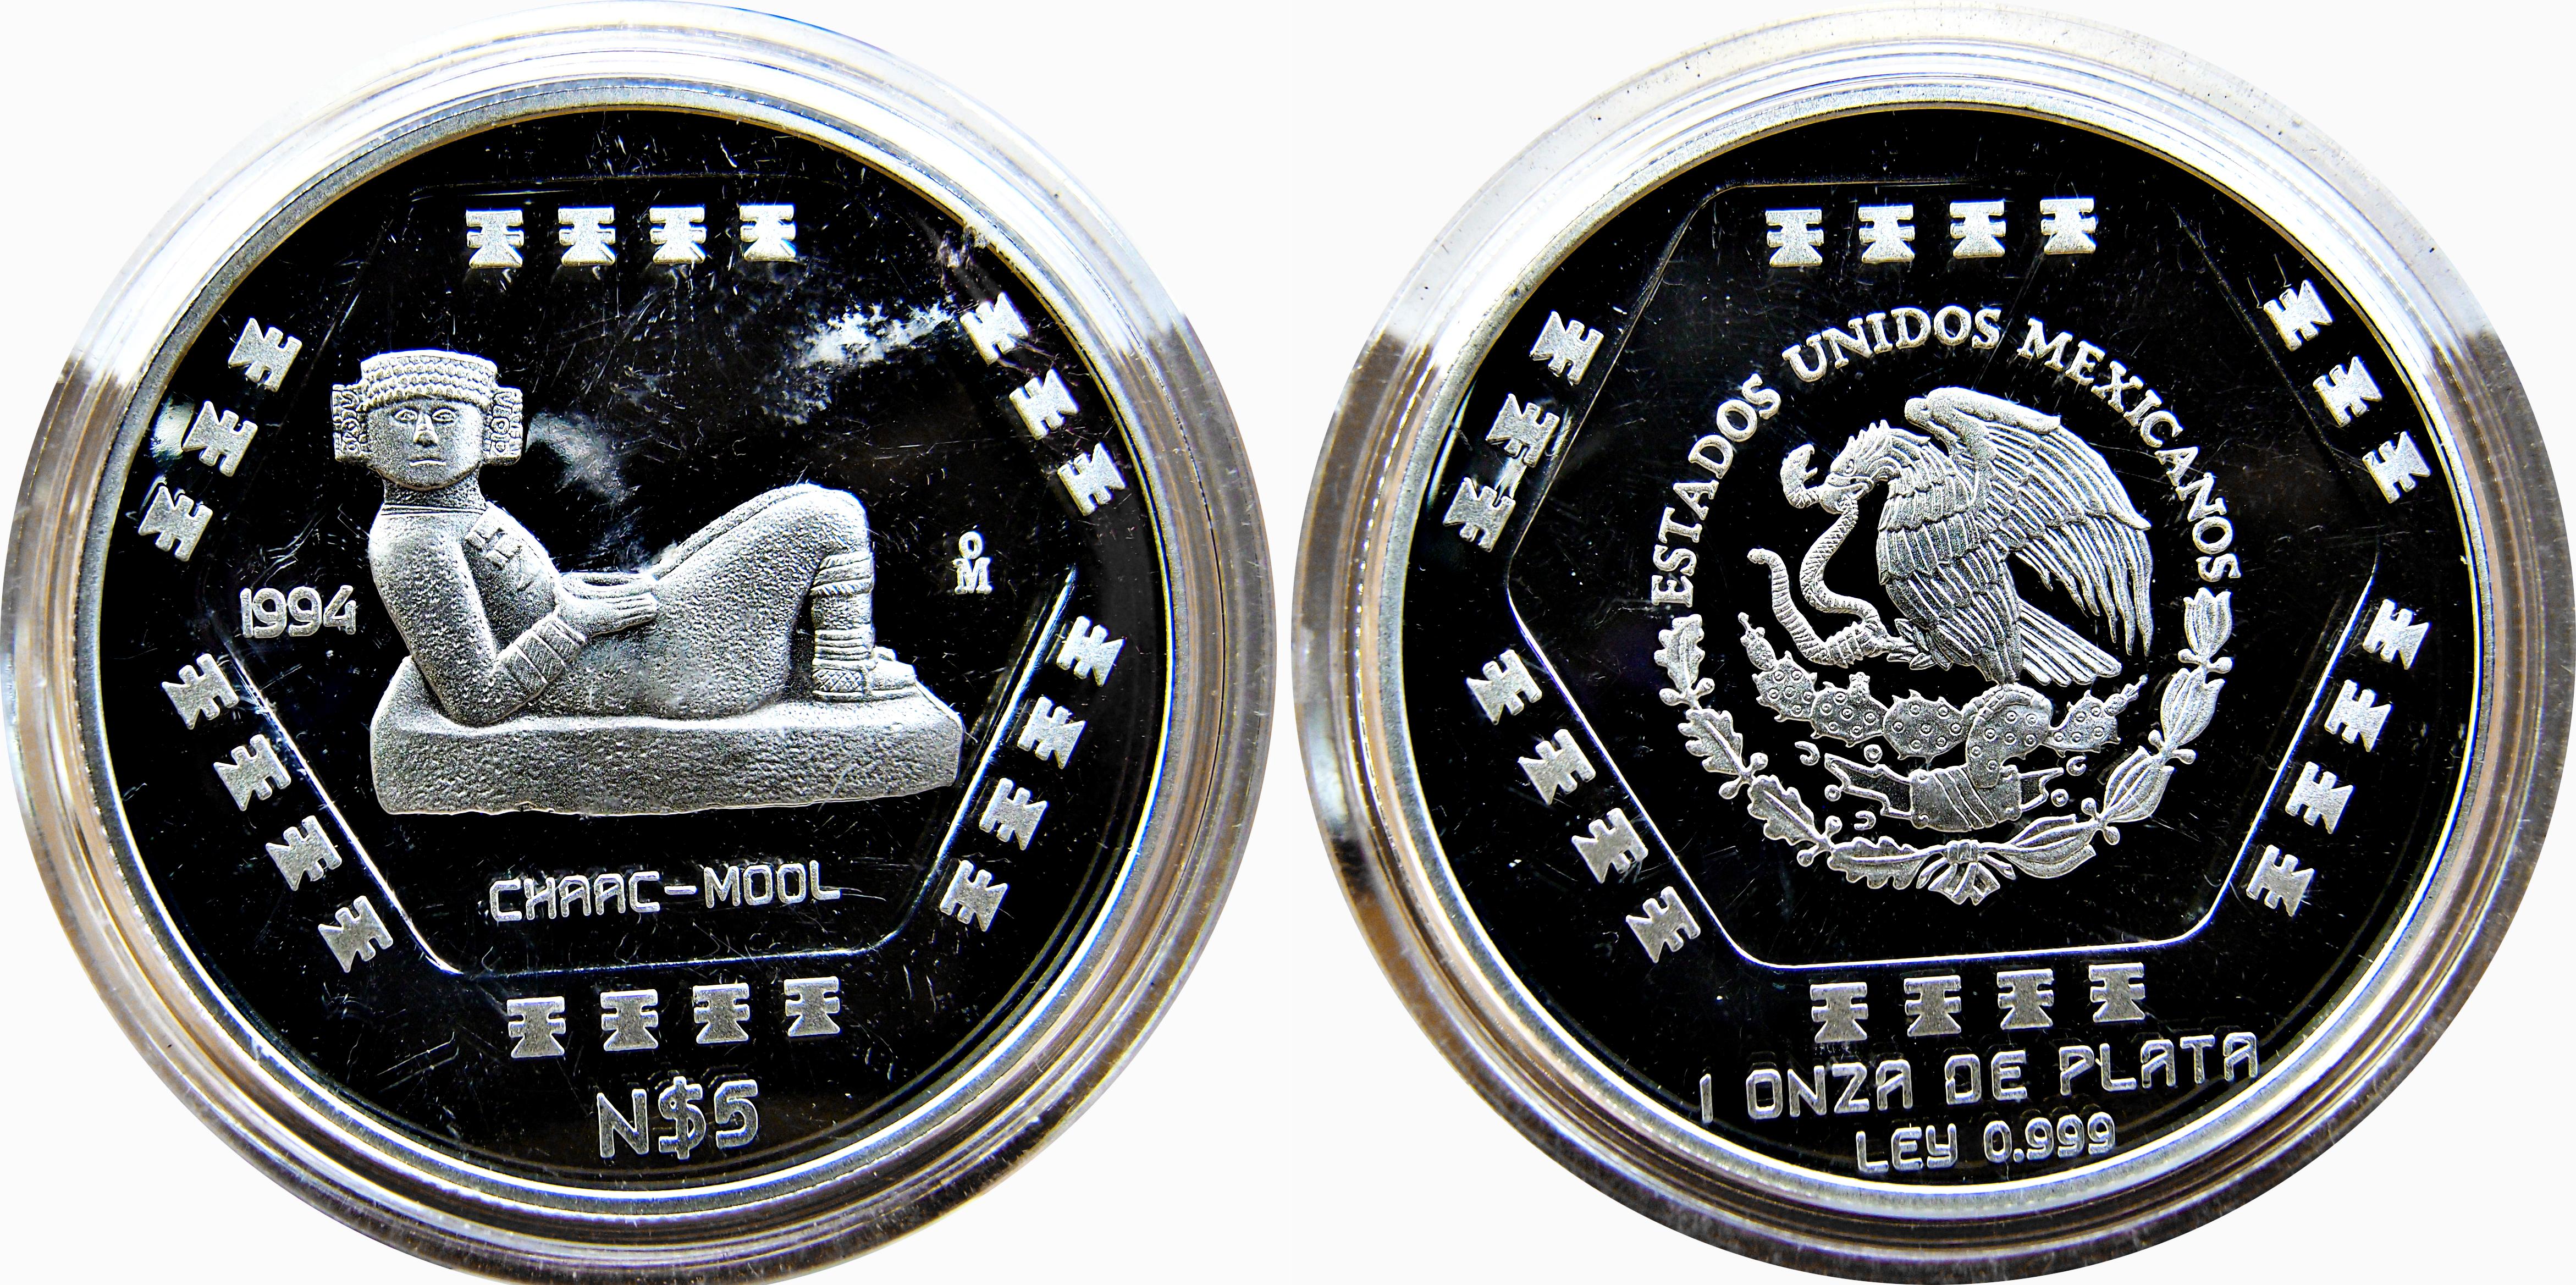 Colección Precolombina de onzas de plata del Banco de Mexico 12124631656_97bf929f53_o